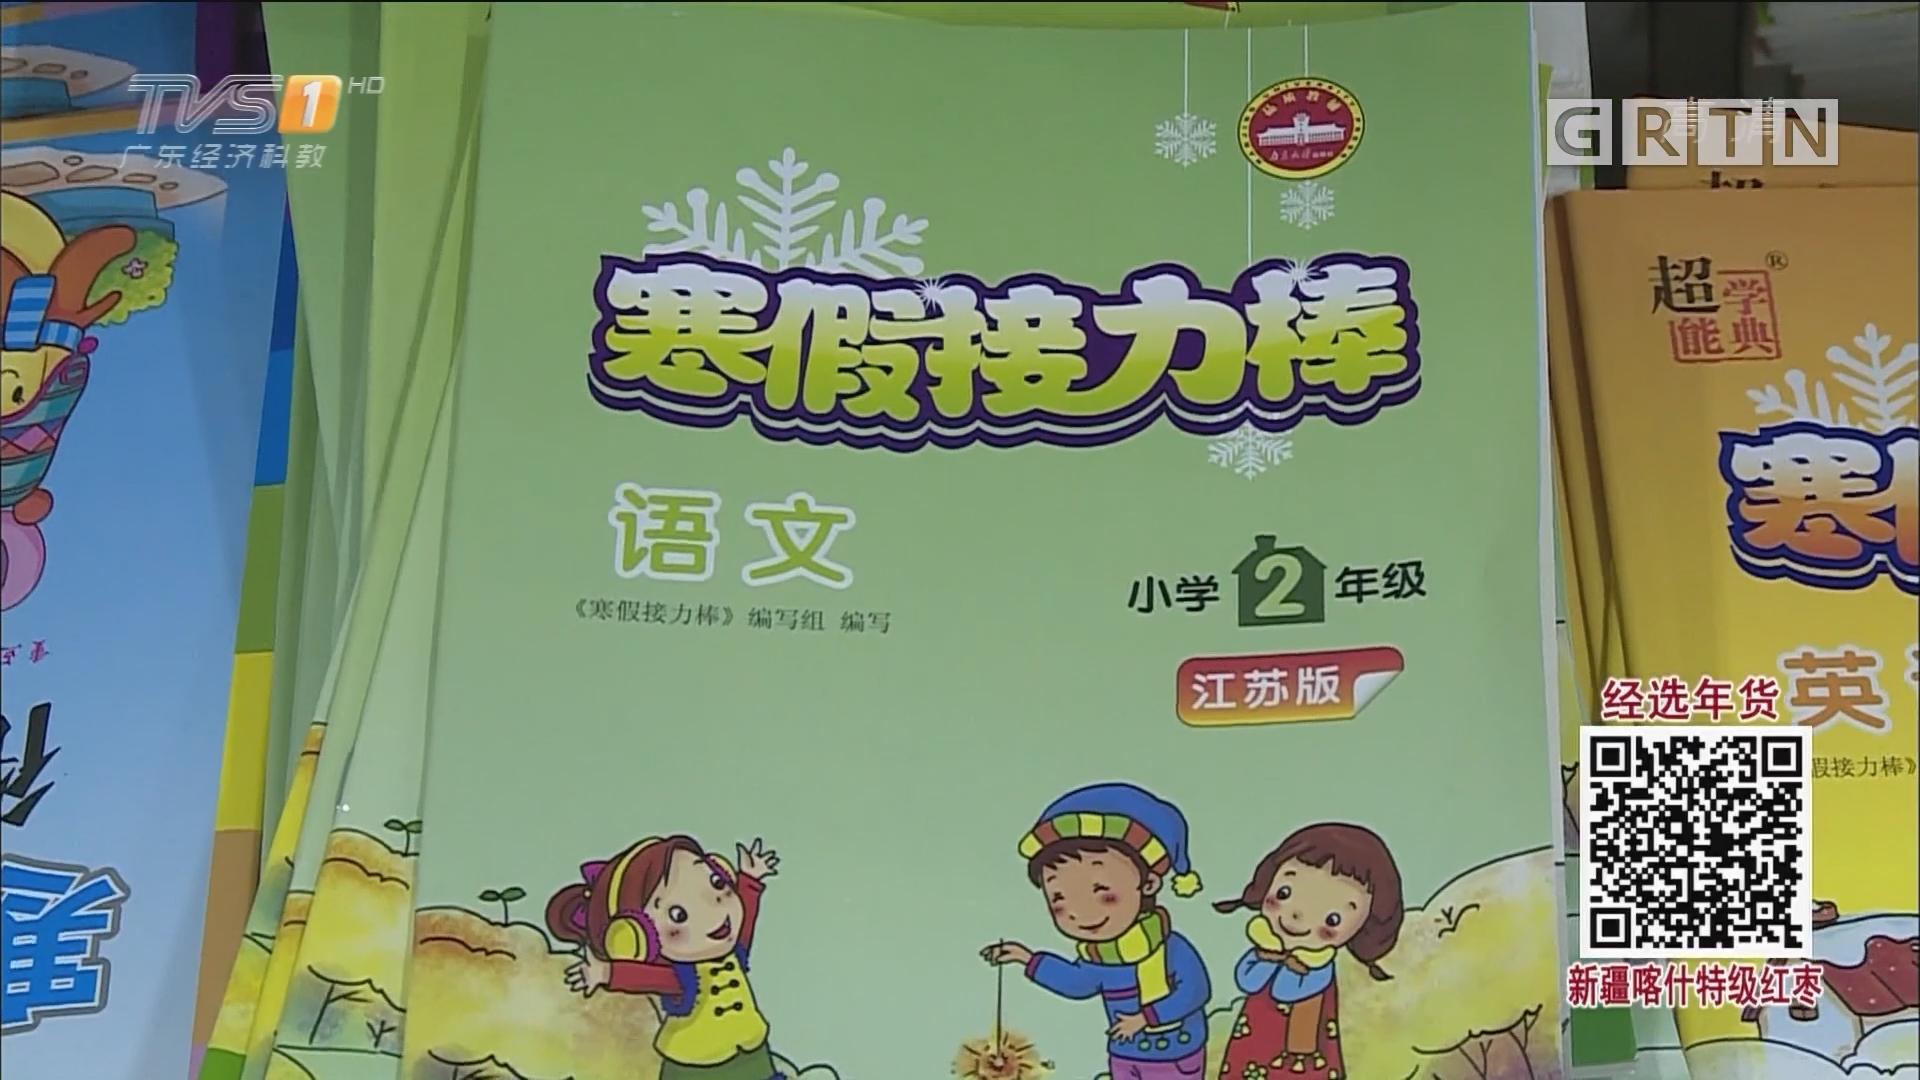 """寒假班报名火爆 专家建议""""要适度"""""""